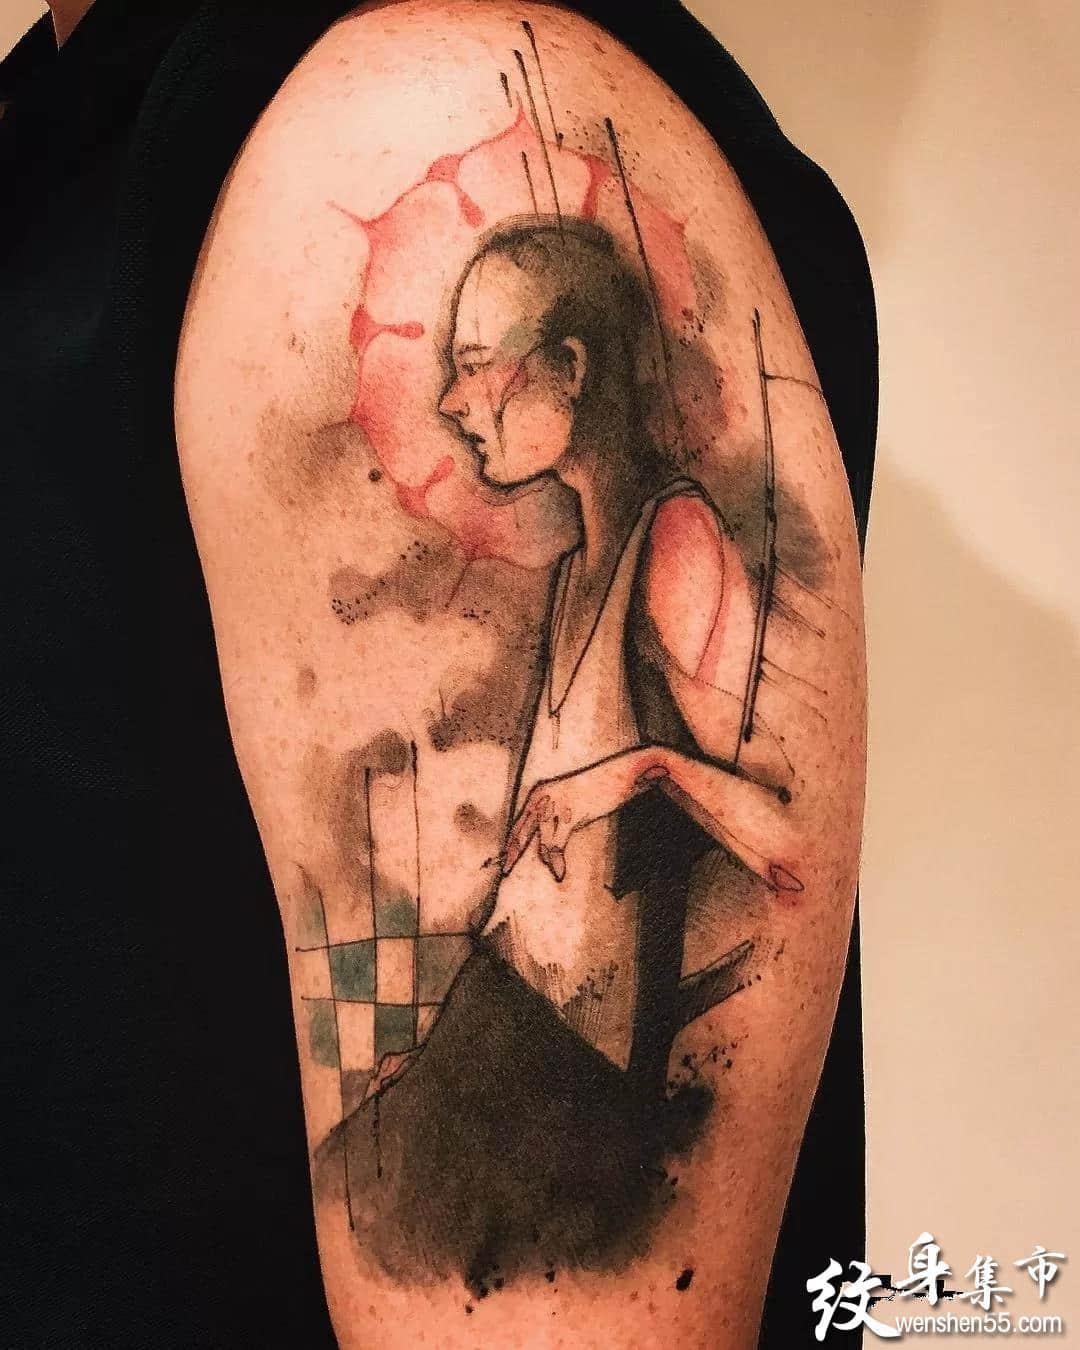 水墨晕染纹身,水墨晕染纹身手稿,水墨晕染纹身手稿图案